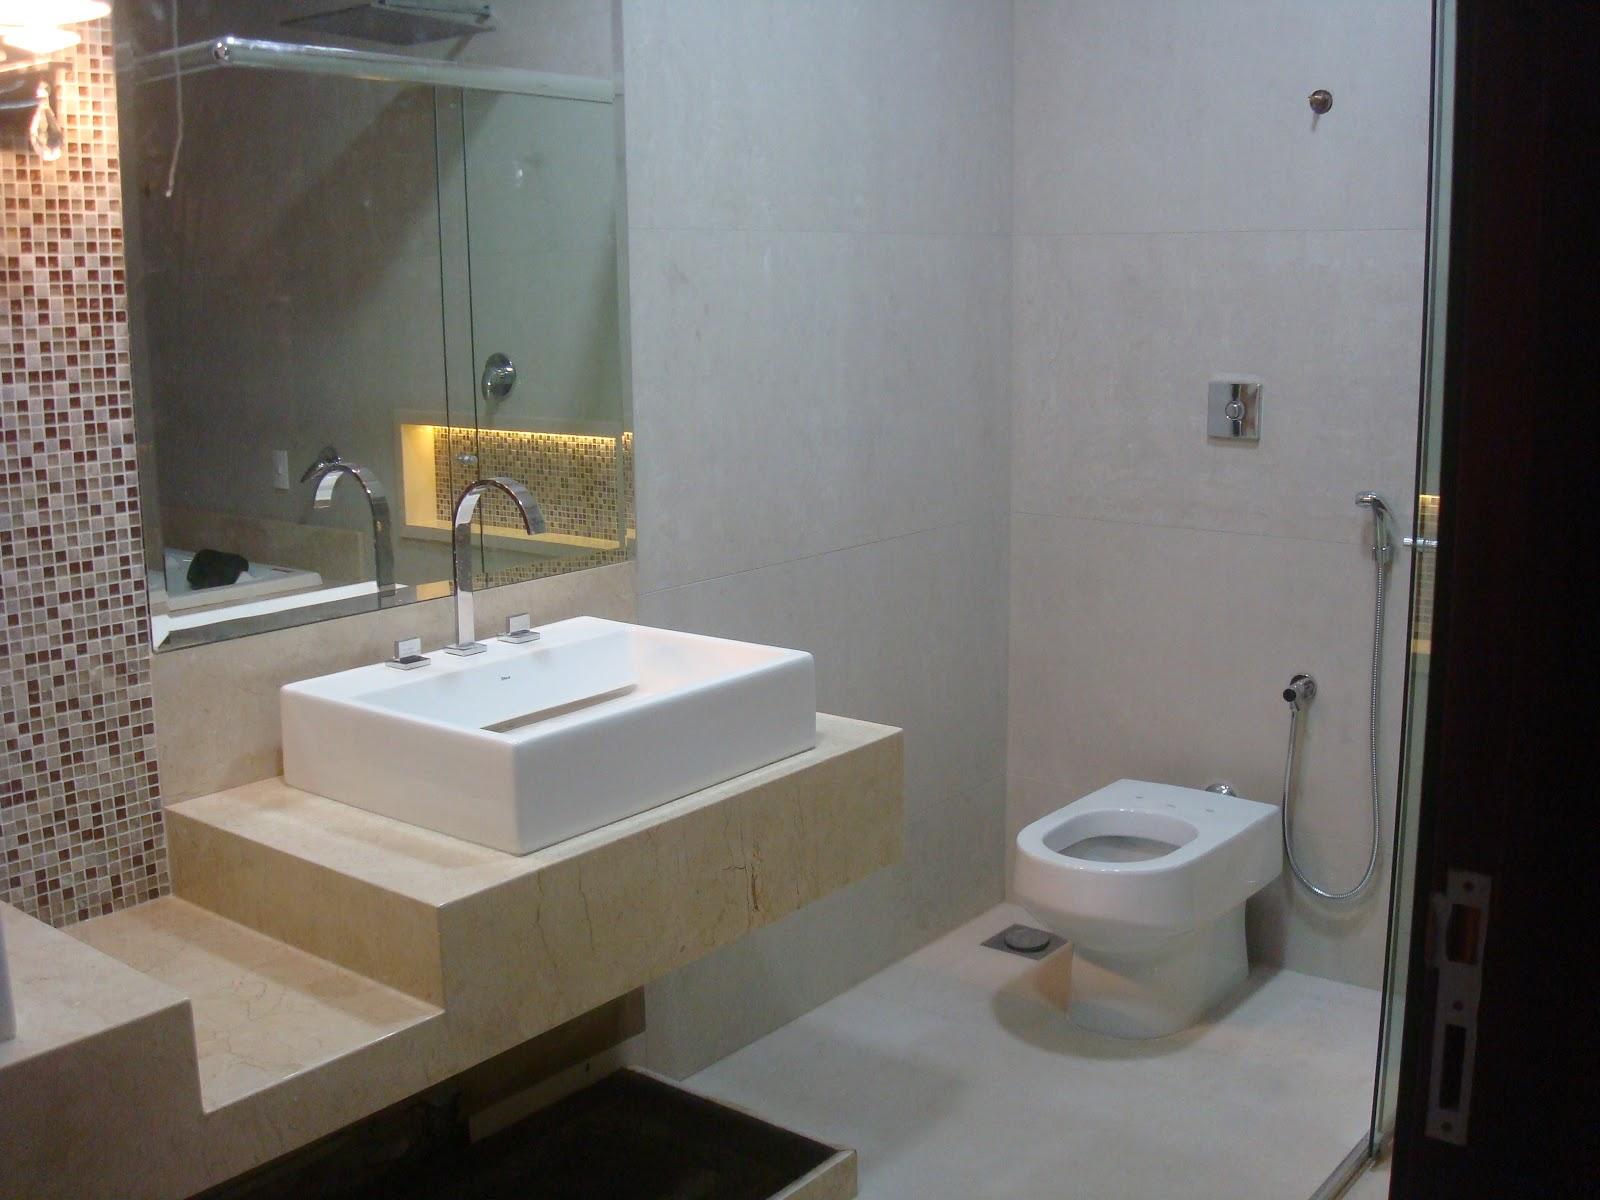 Construindo um Castelinho: Banheiro Crema Marfil #8C6A3F 1600x1200 Bancada Banheiro Crema Marfil